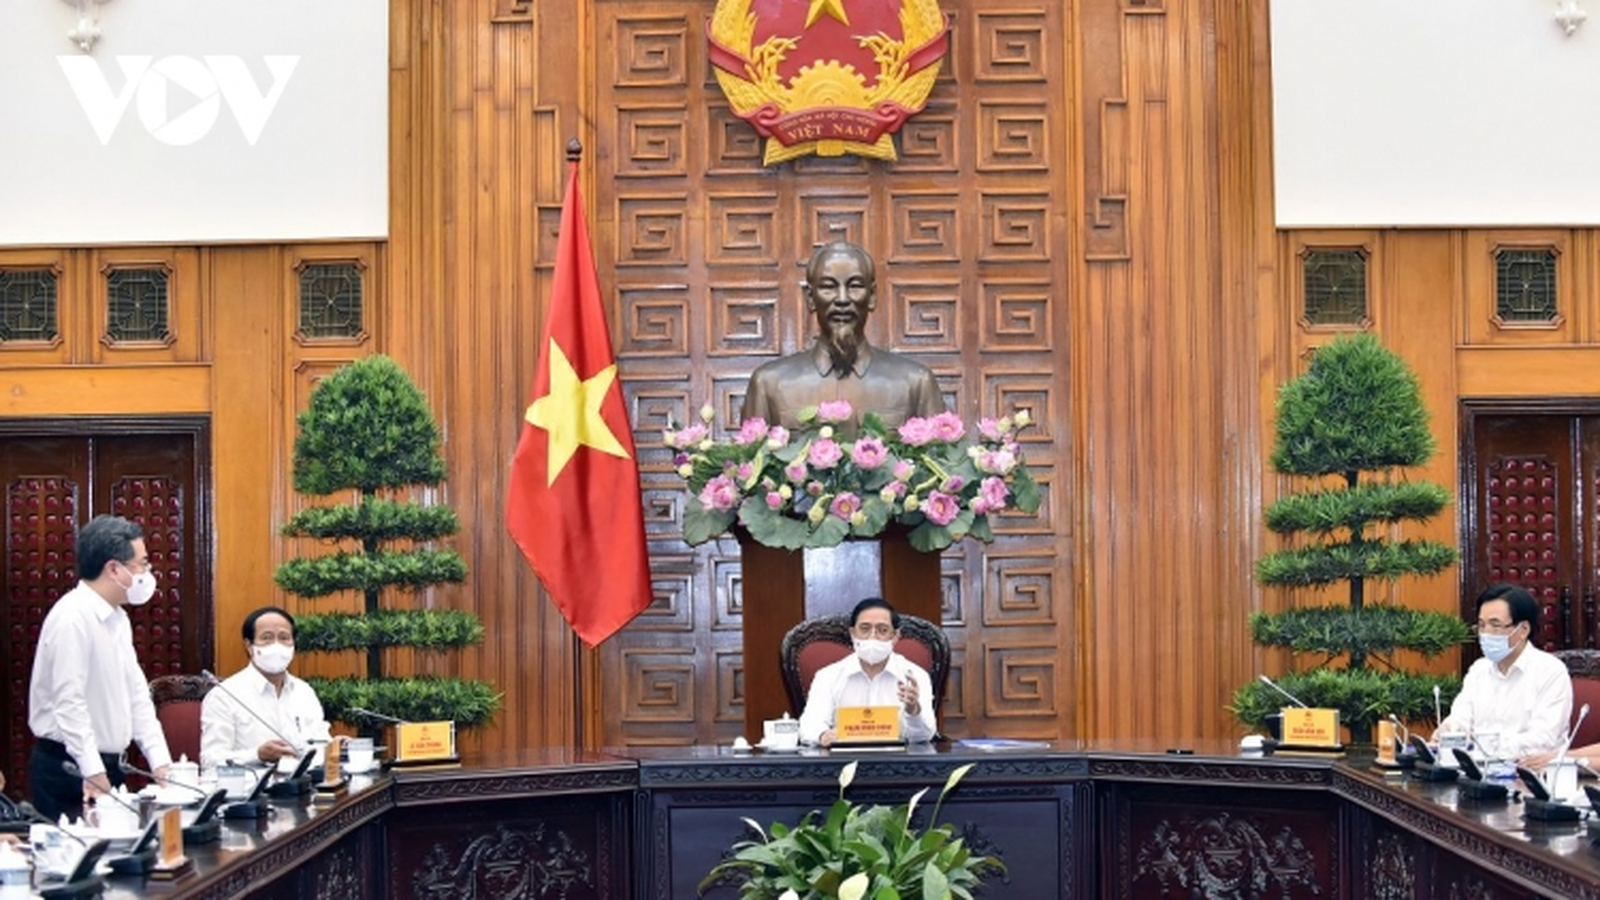 Thủ tướng: Ngành xây dựng phải thay đổi nhận thức, nâng tầm tư duy để phát triển